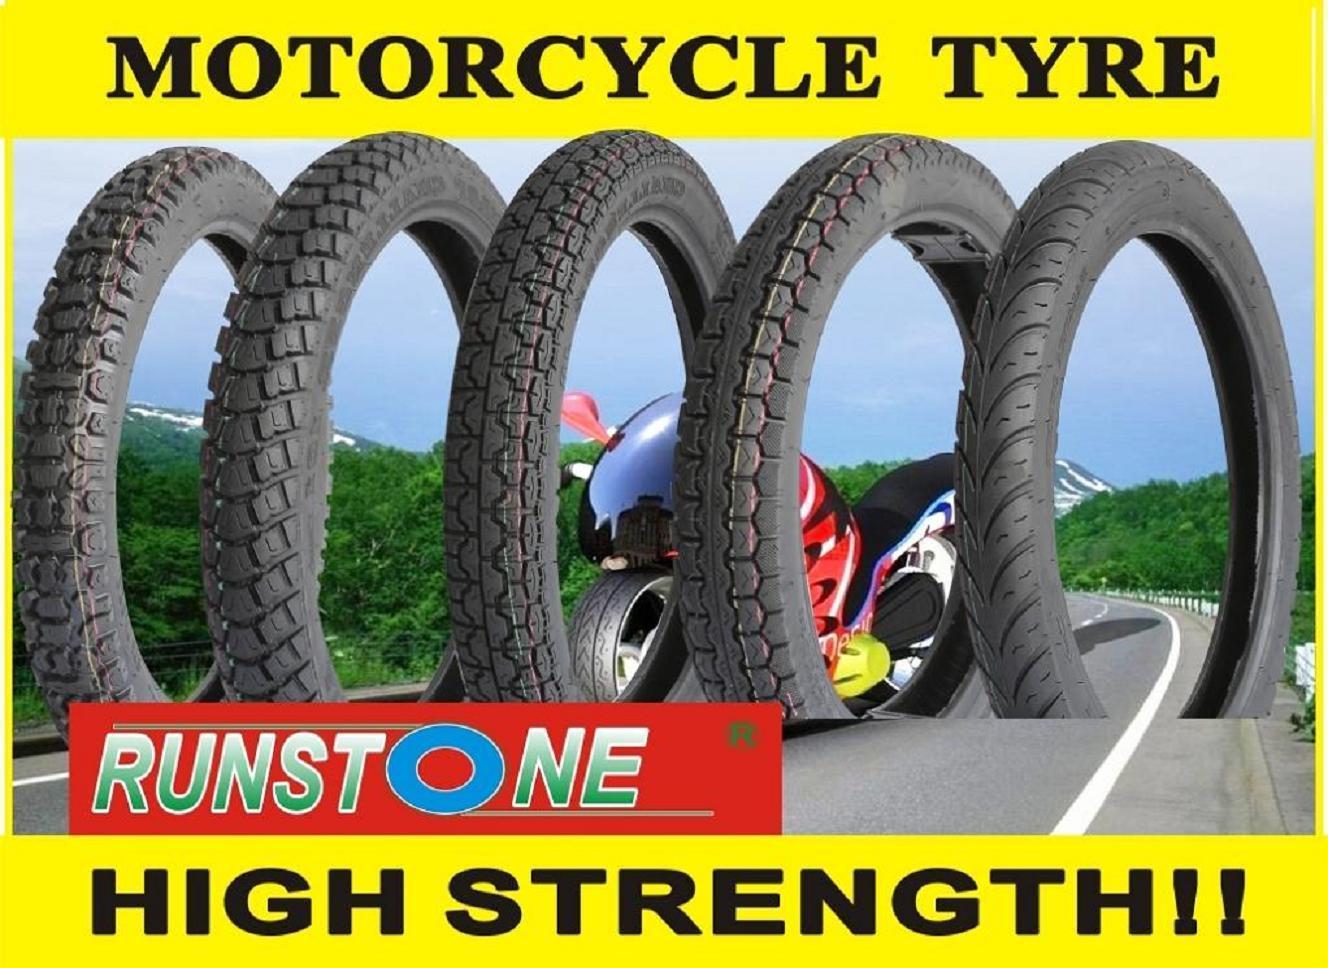 High Strength Motorcycle Tyre, Inner Tube 2.75-18 2.75-17 3.00-18